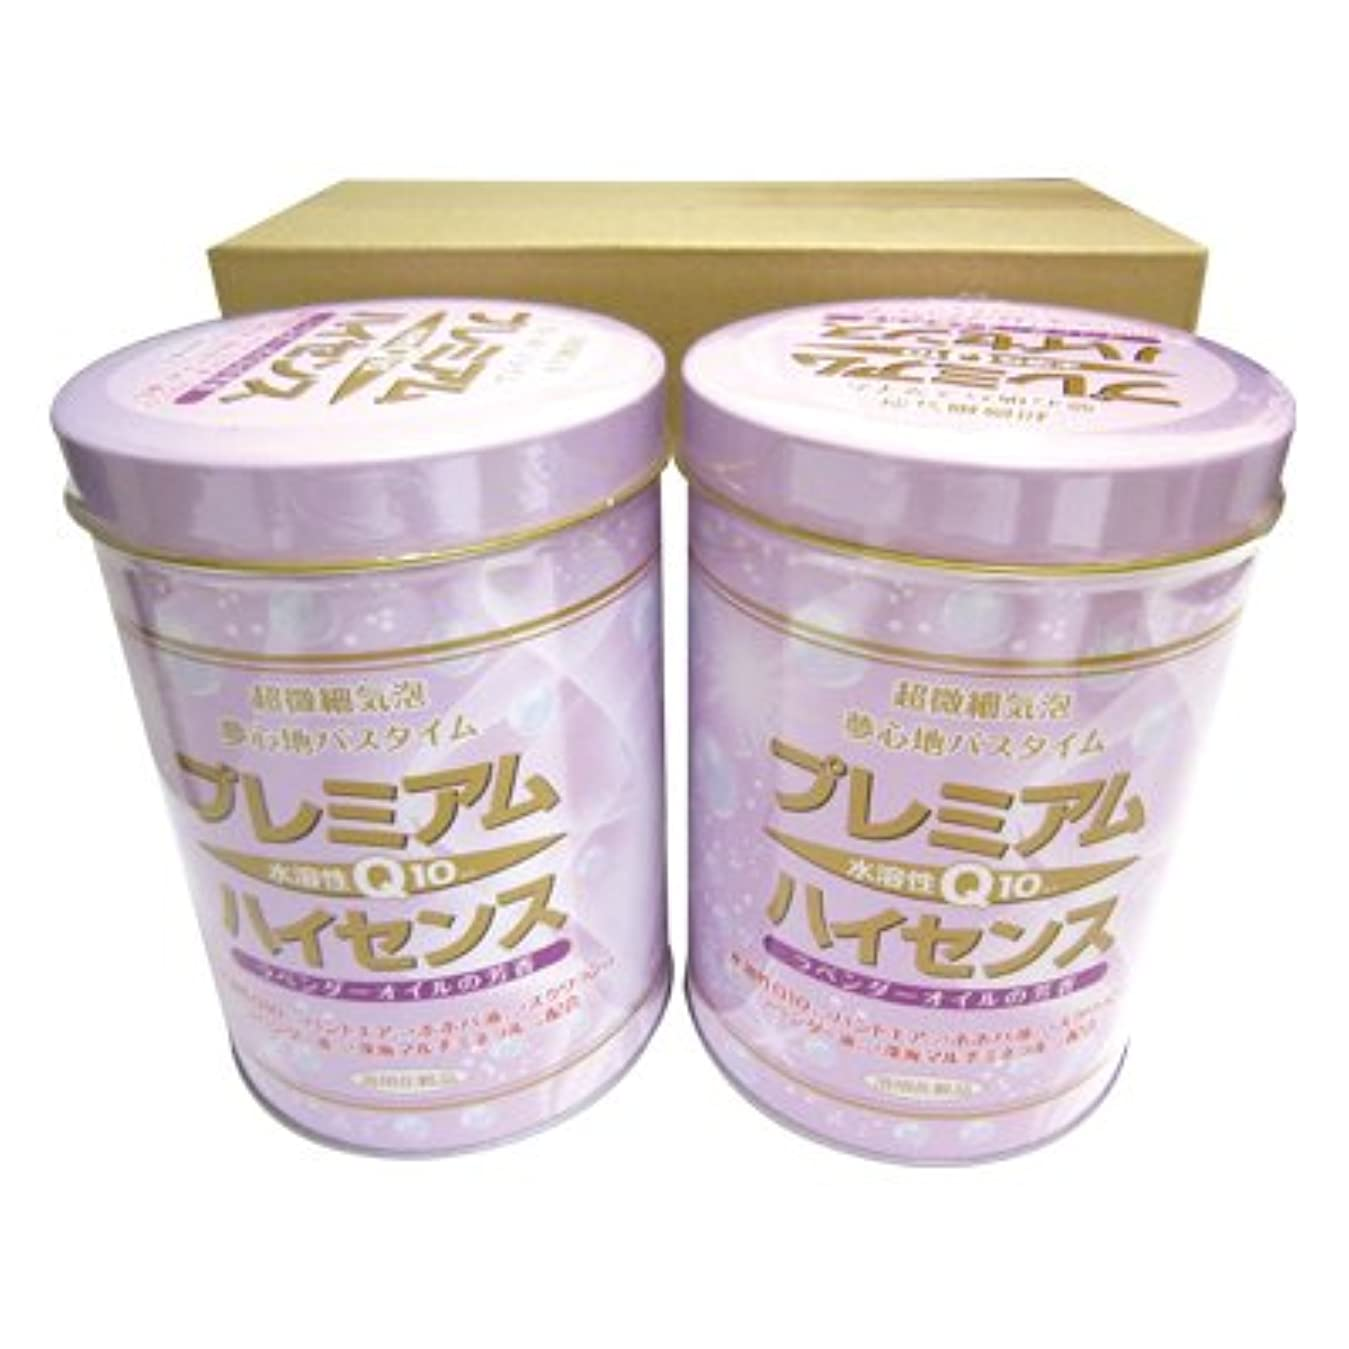 パースブラックボロウ苦無駄に【高陽社】浴用化粧品 プレミアムハイセンス 2缶セット